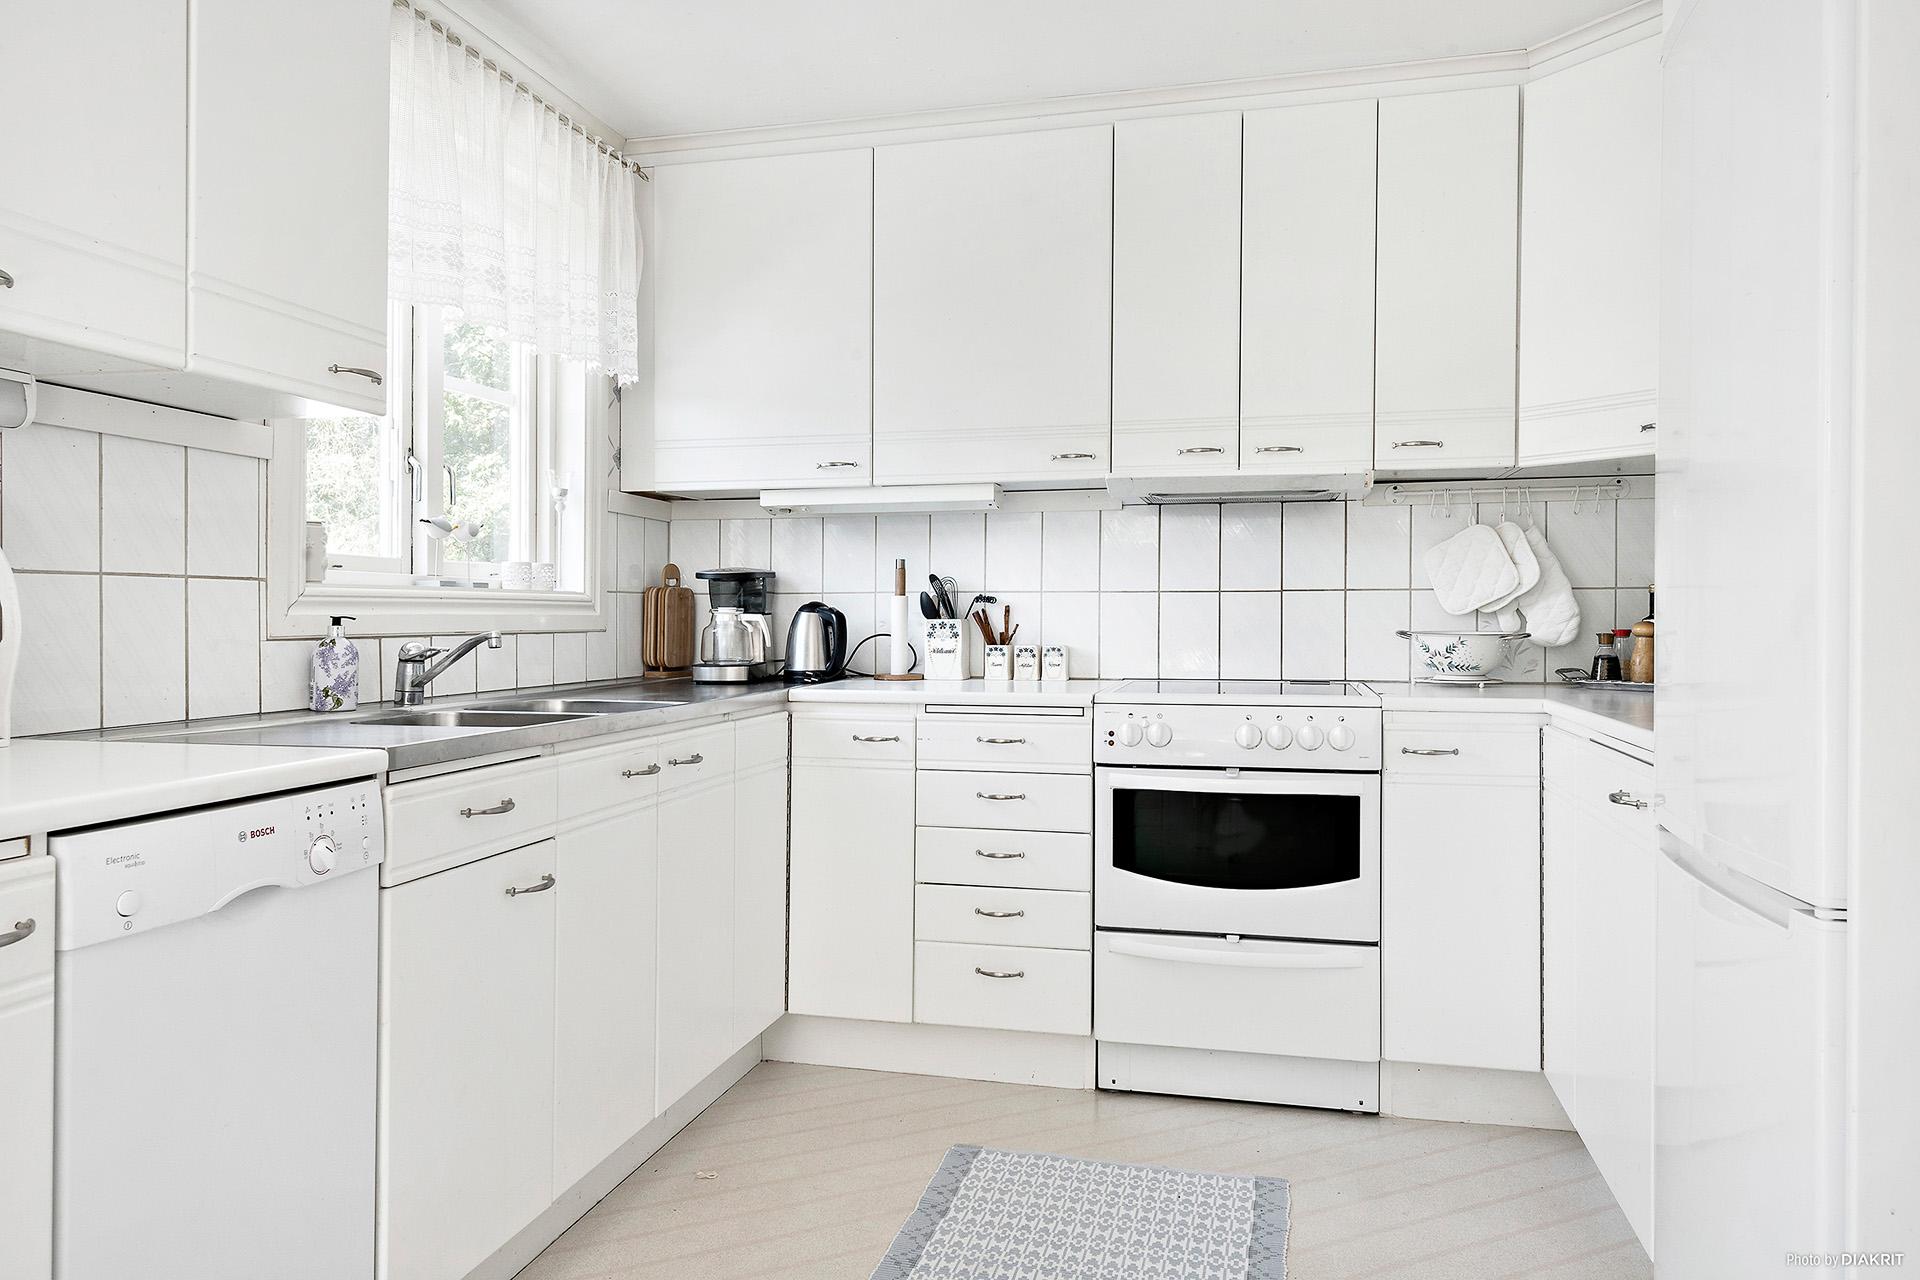 Vitt kök med goda förvaringsmöjligheter och arbetsytor